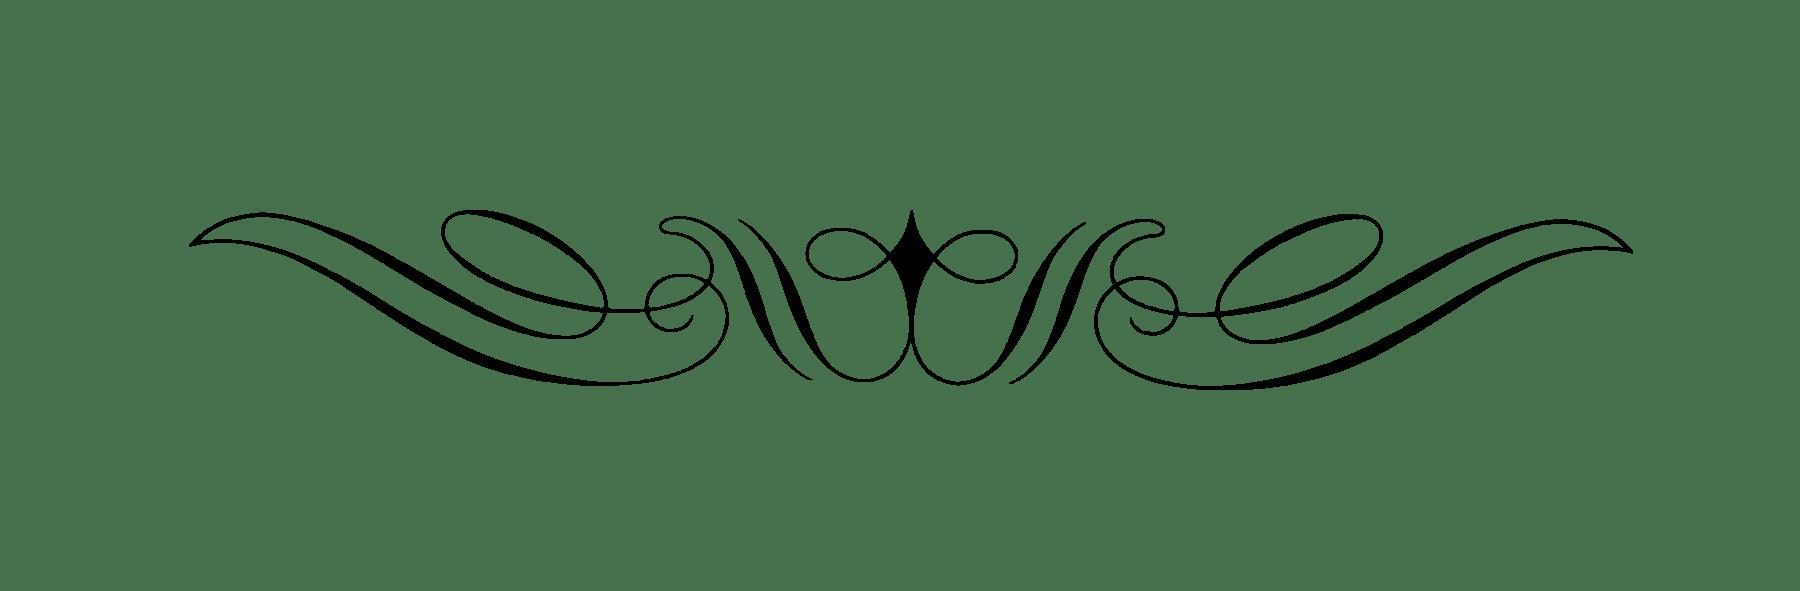 Curly art nouveau transparent. Divider clipart victorian